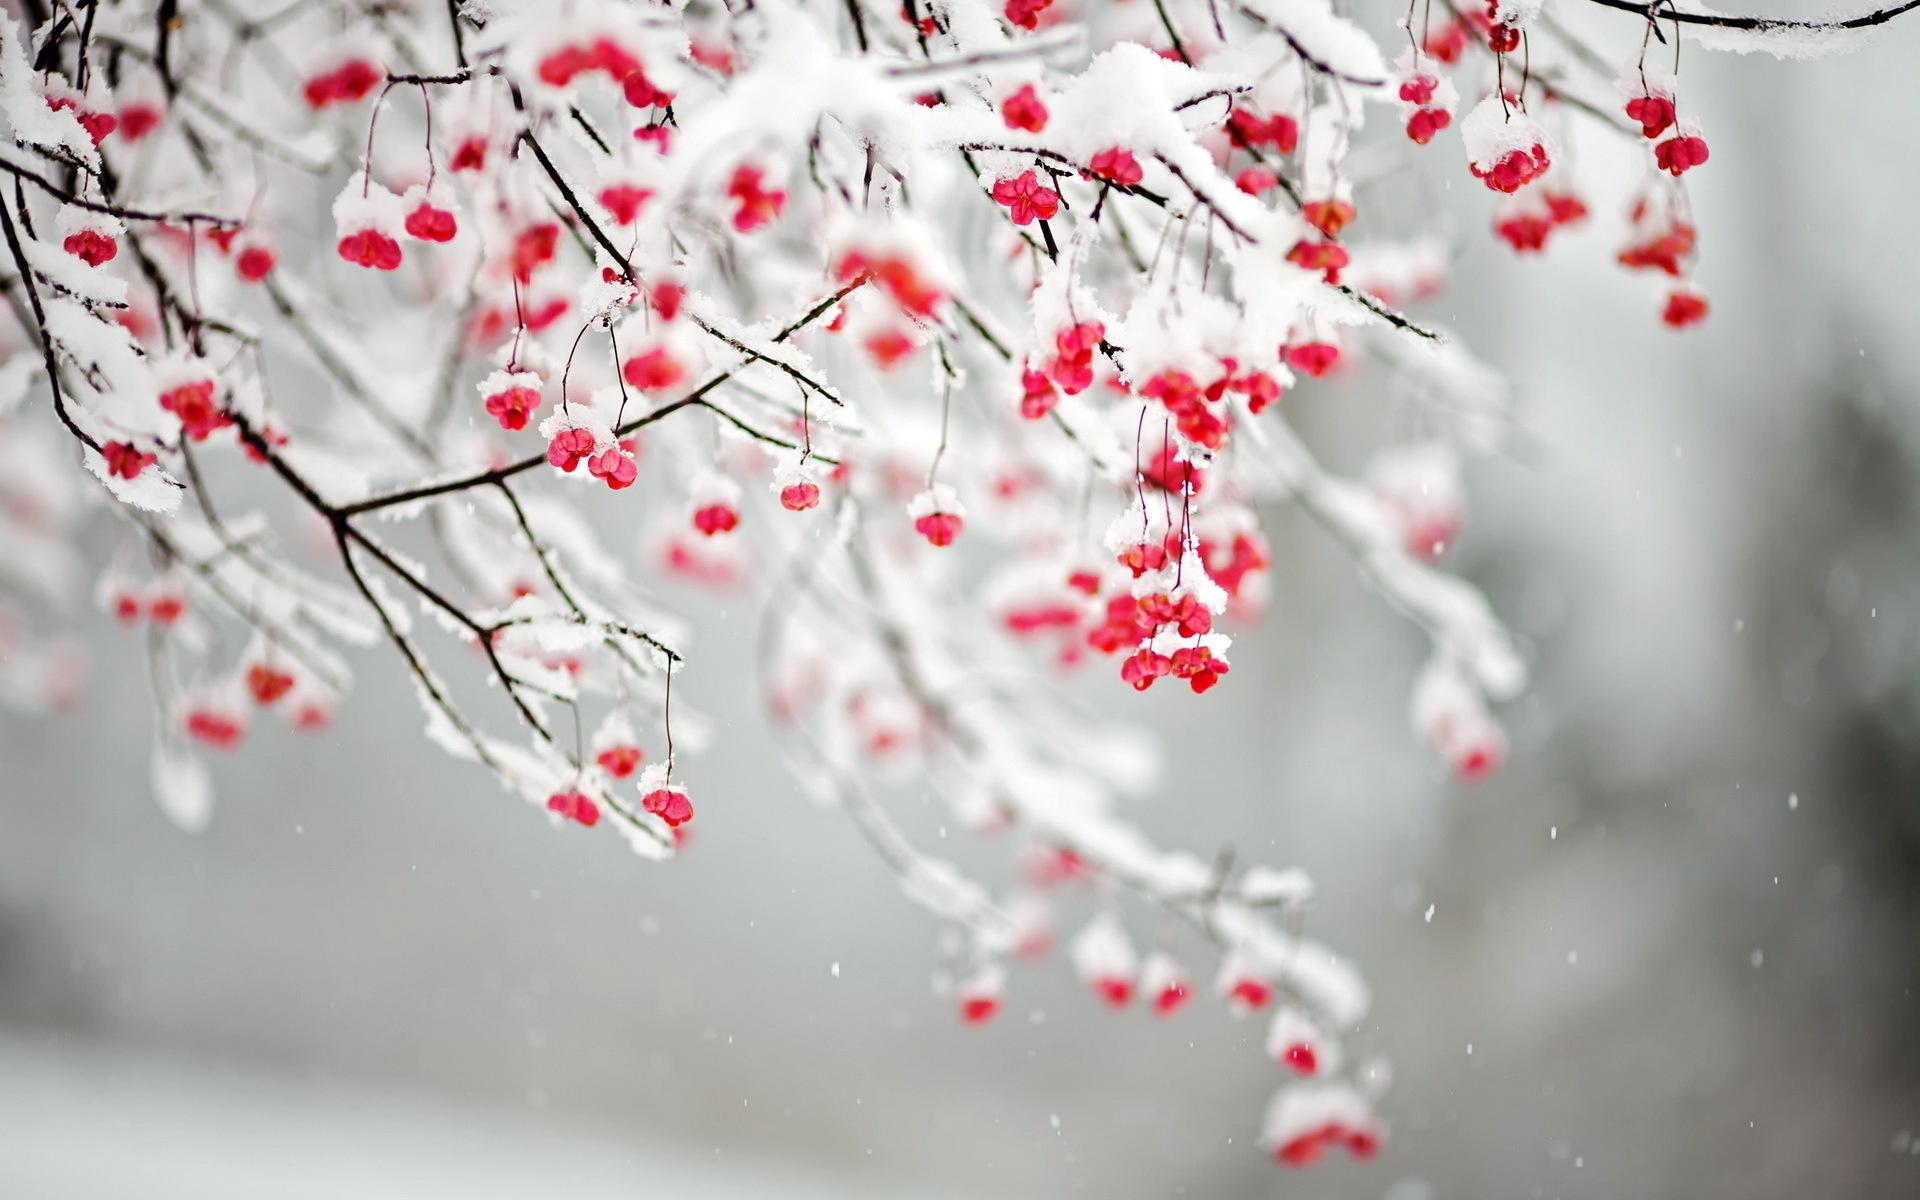 картинка на телефон первый снег киа